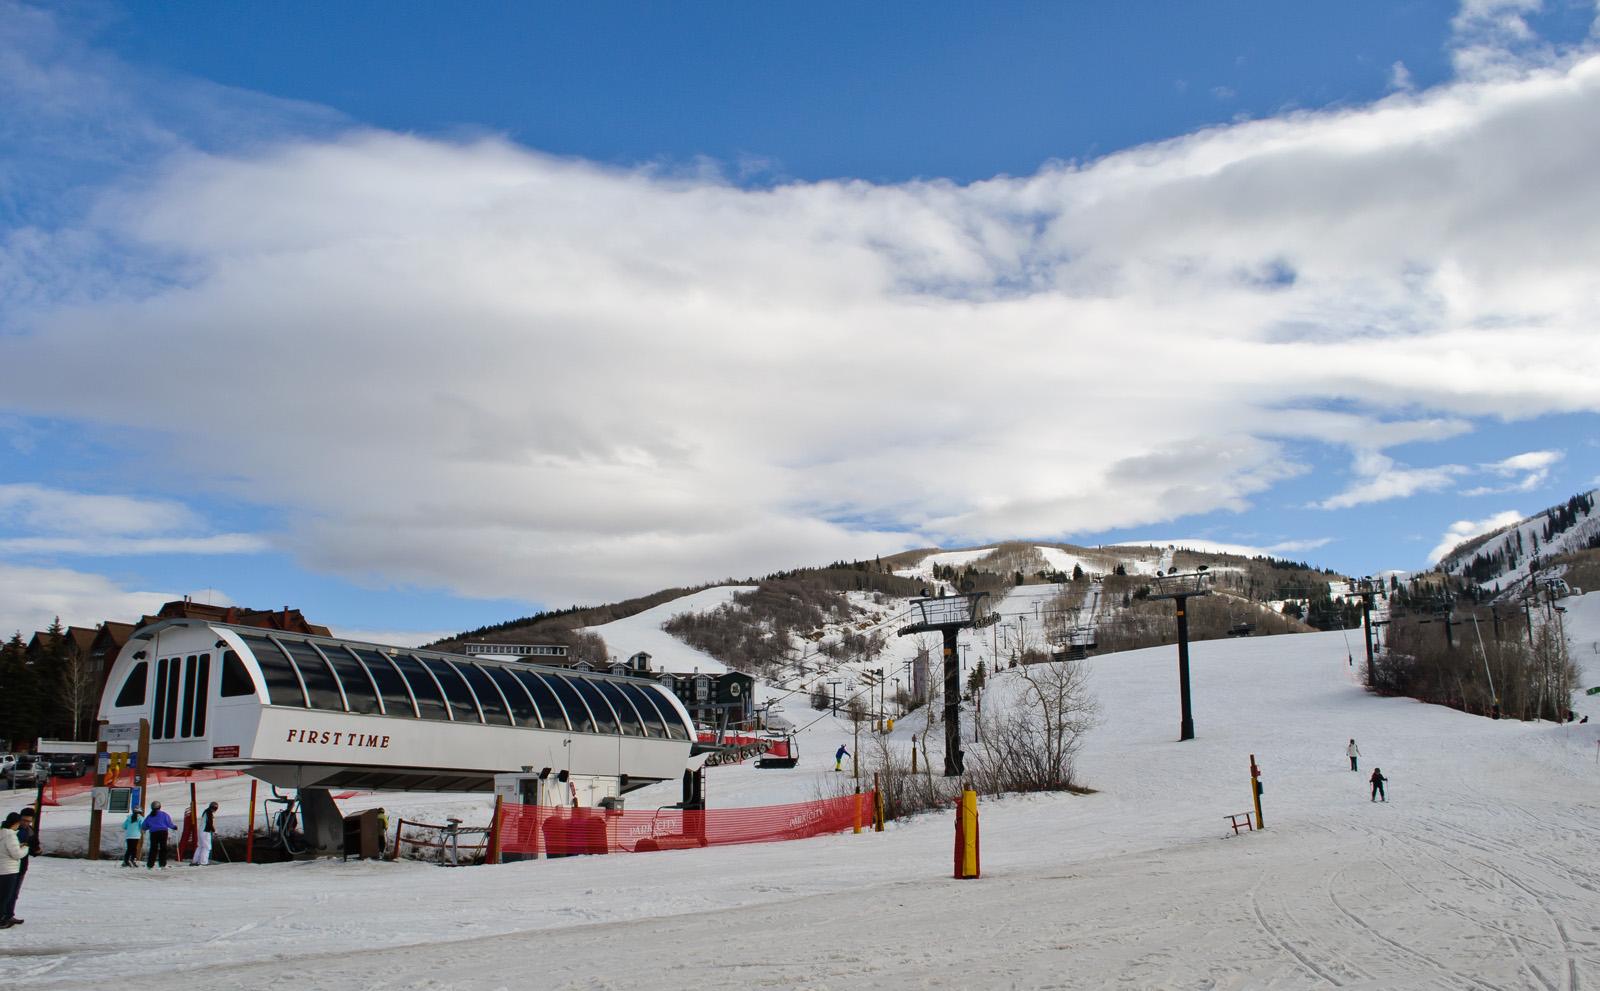 Salt Lake Park City Ski Resort